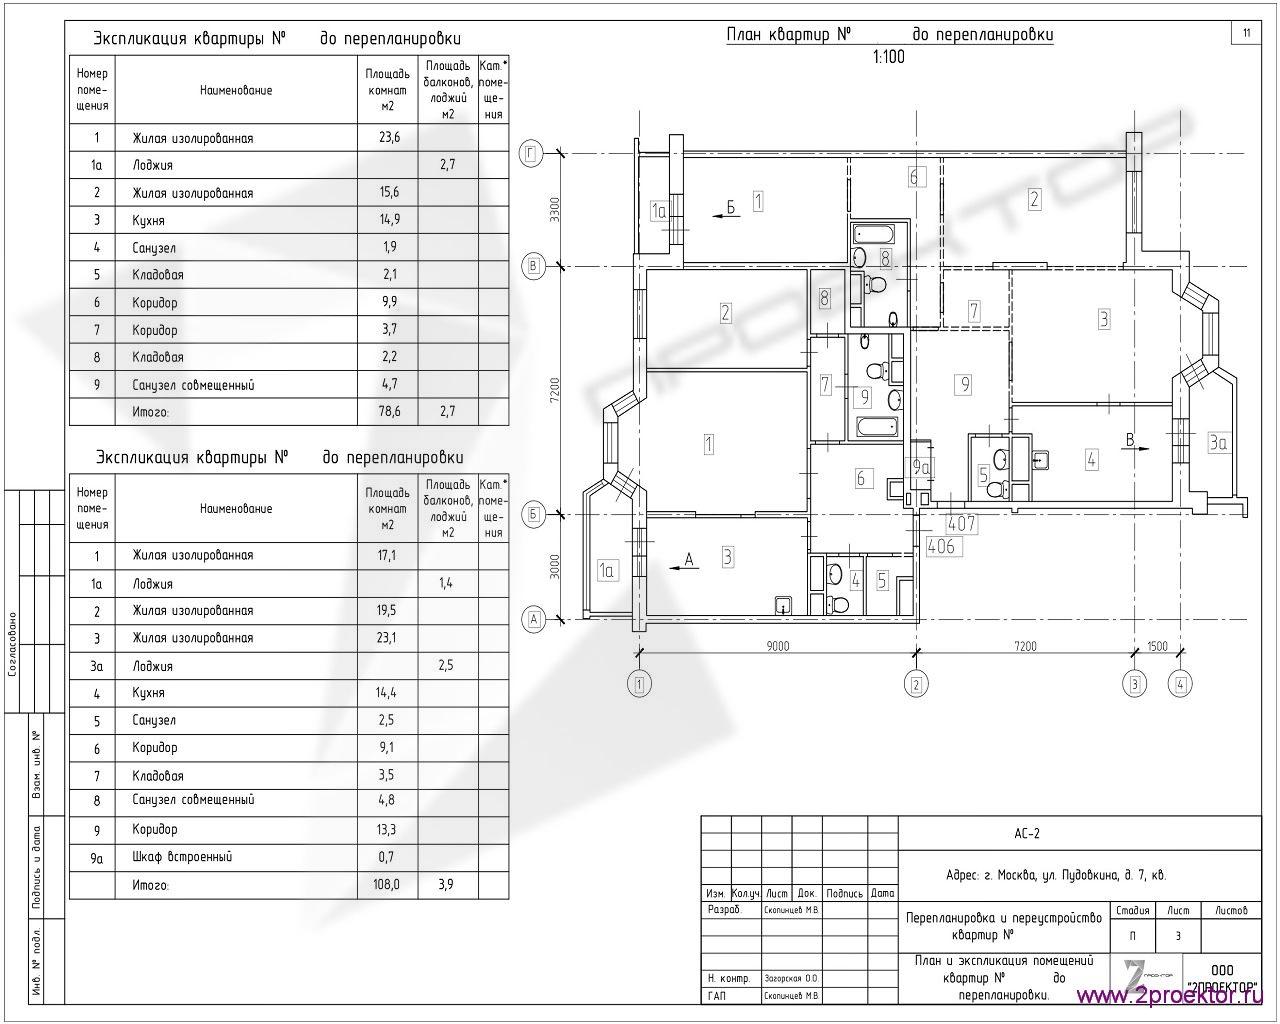 Типовой вариант по планировке и объединению квартир в Жилом комплексе Обыкновенное чудо.